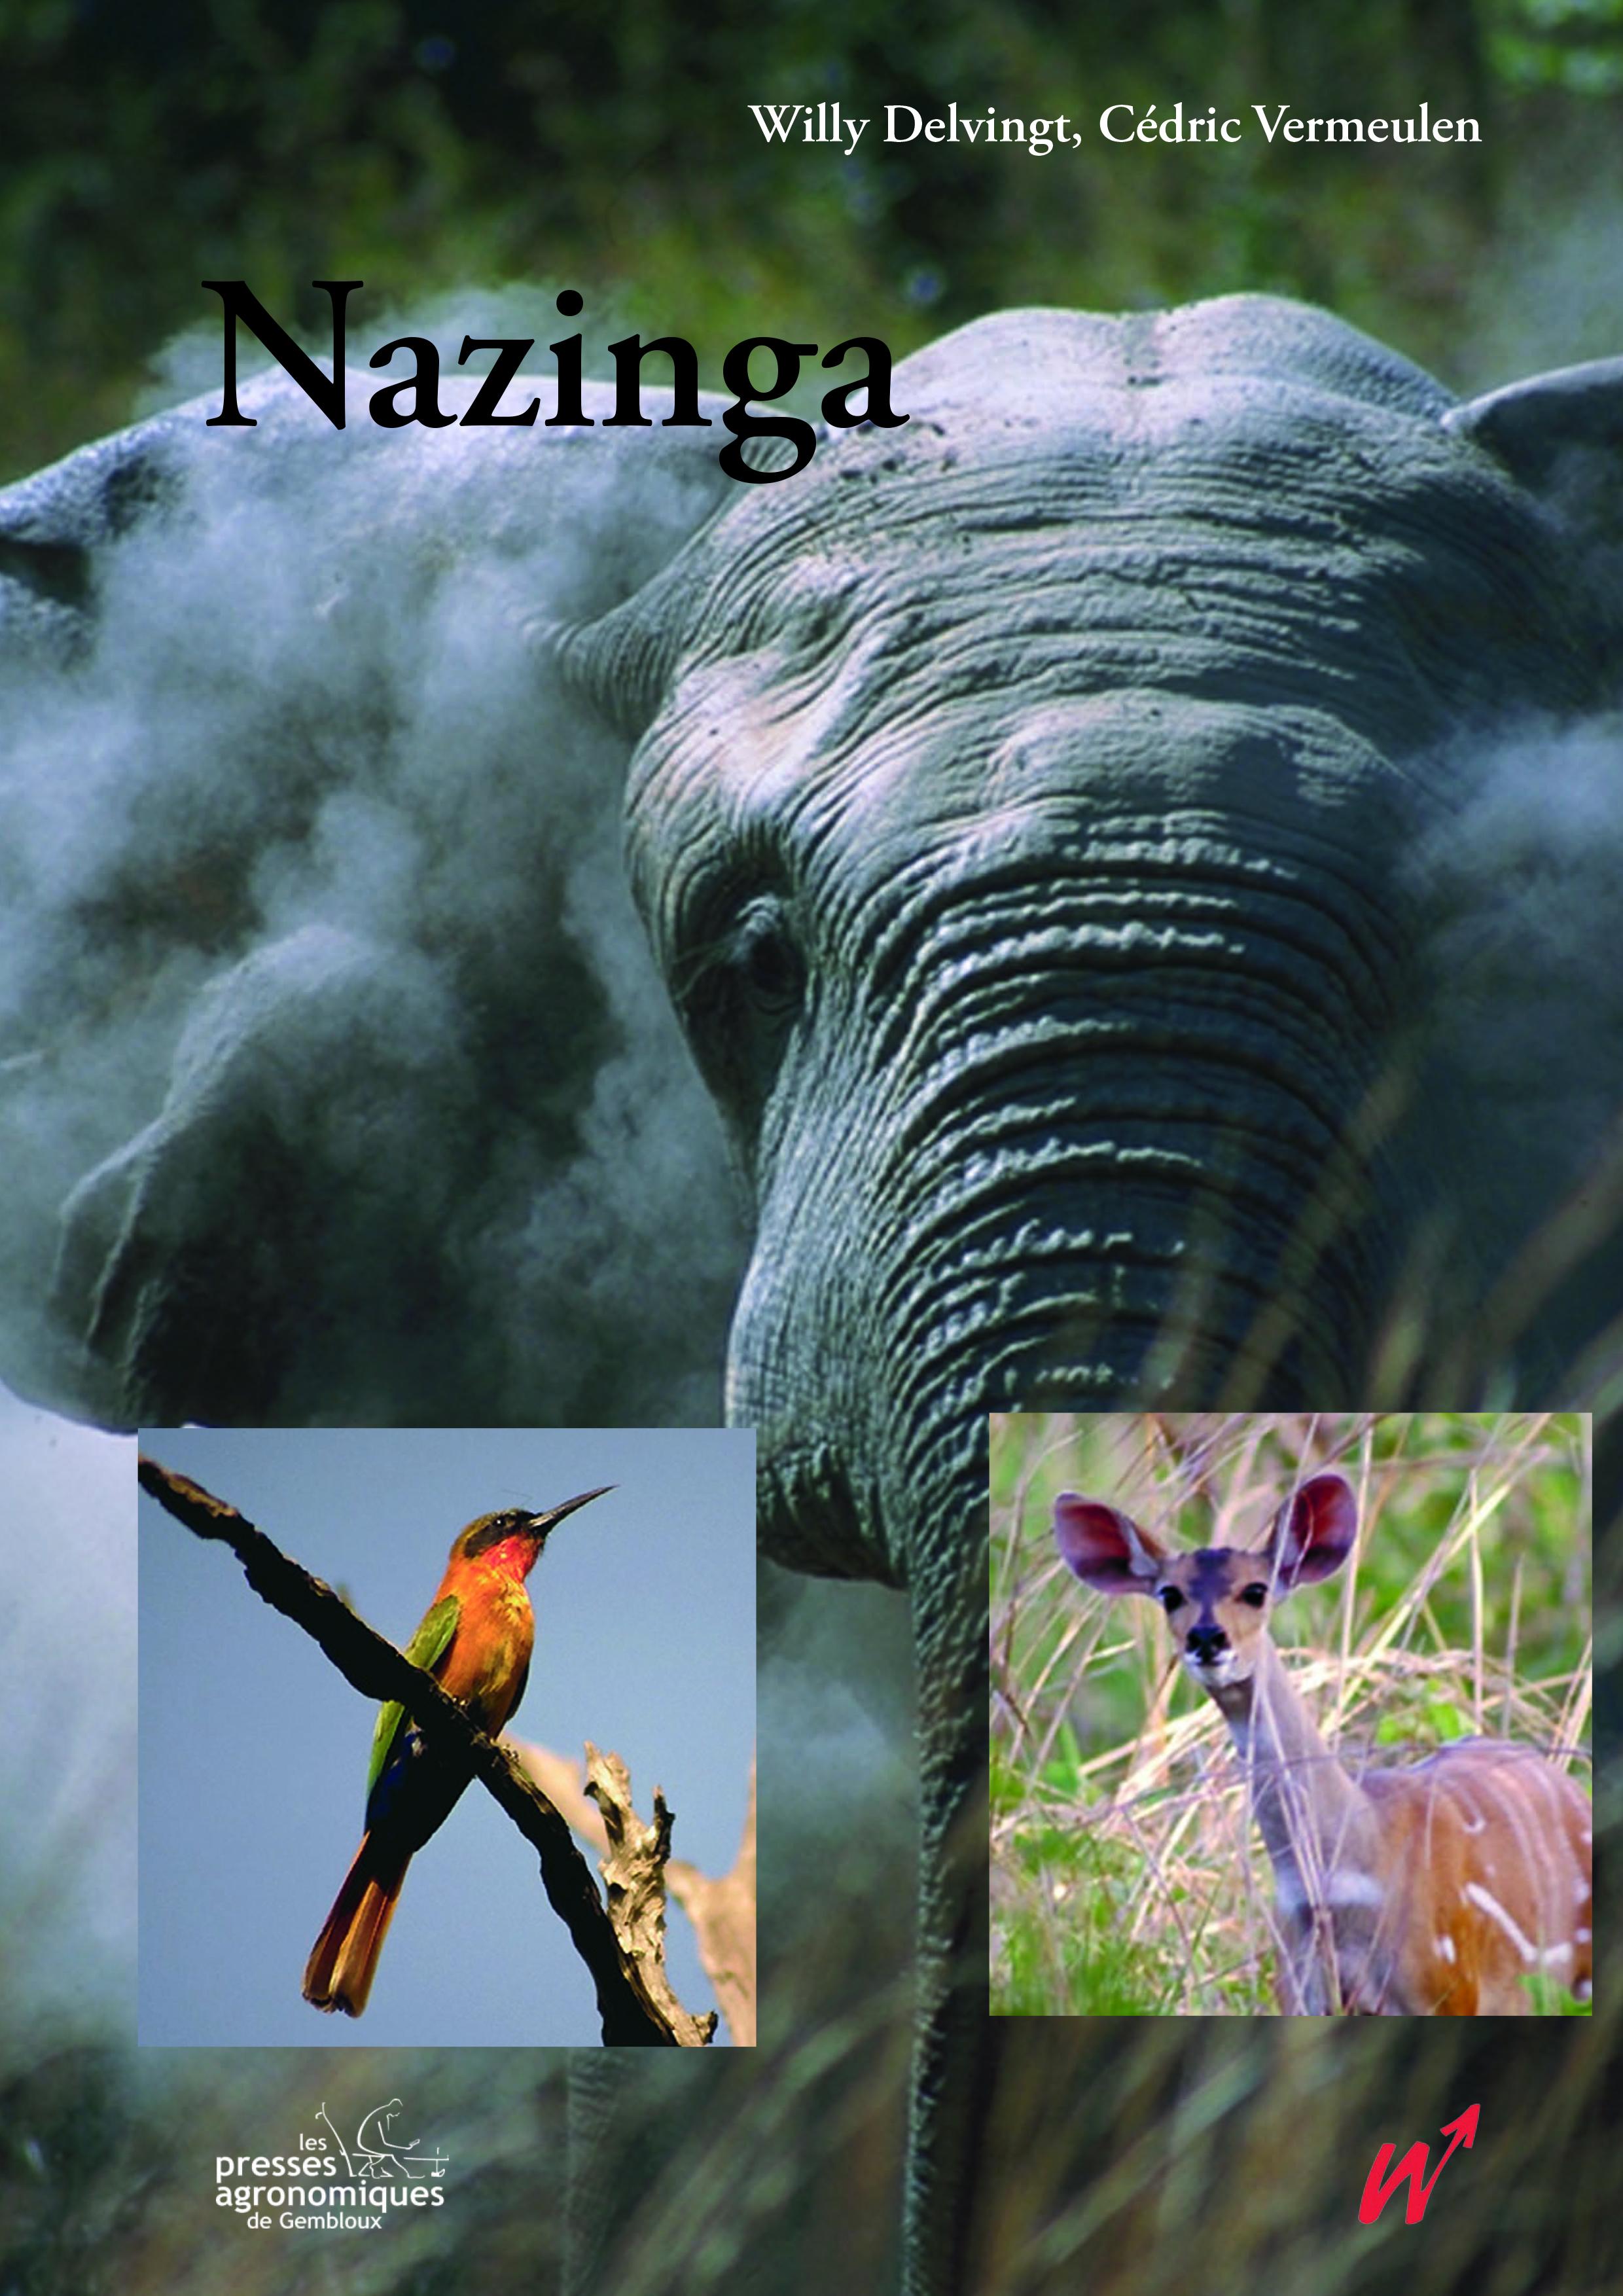 NAZINGA